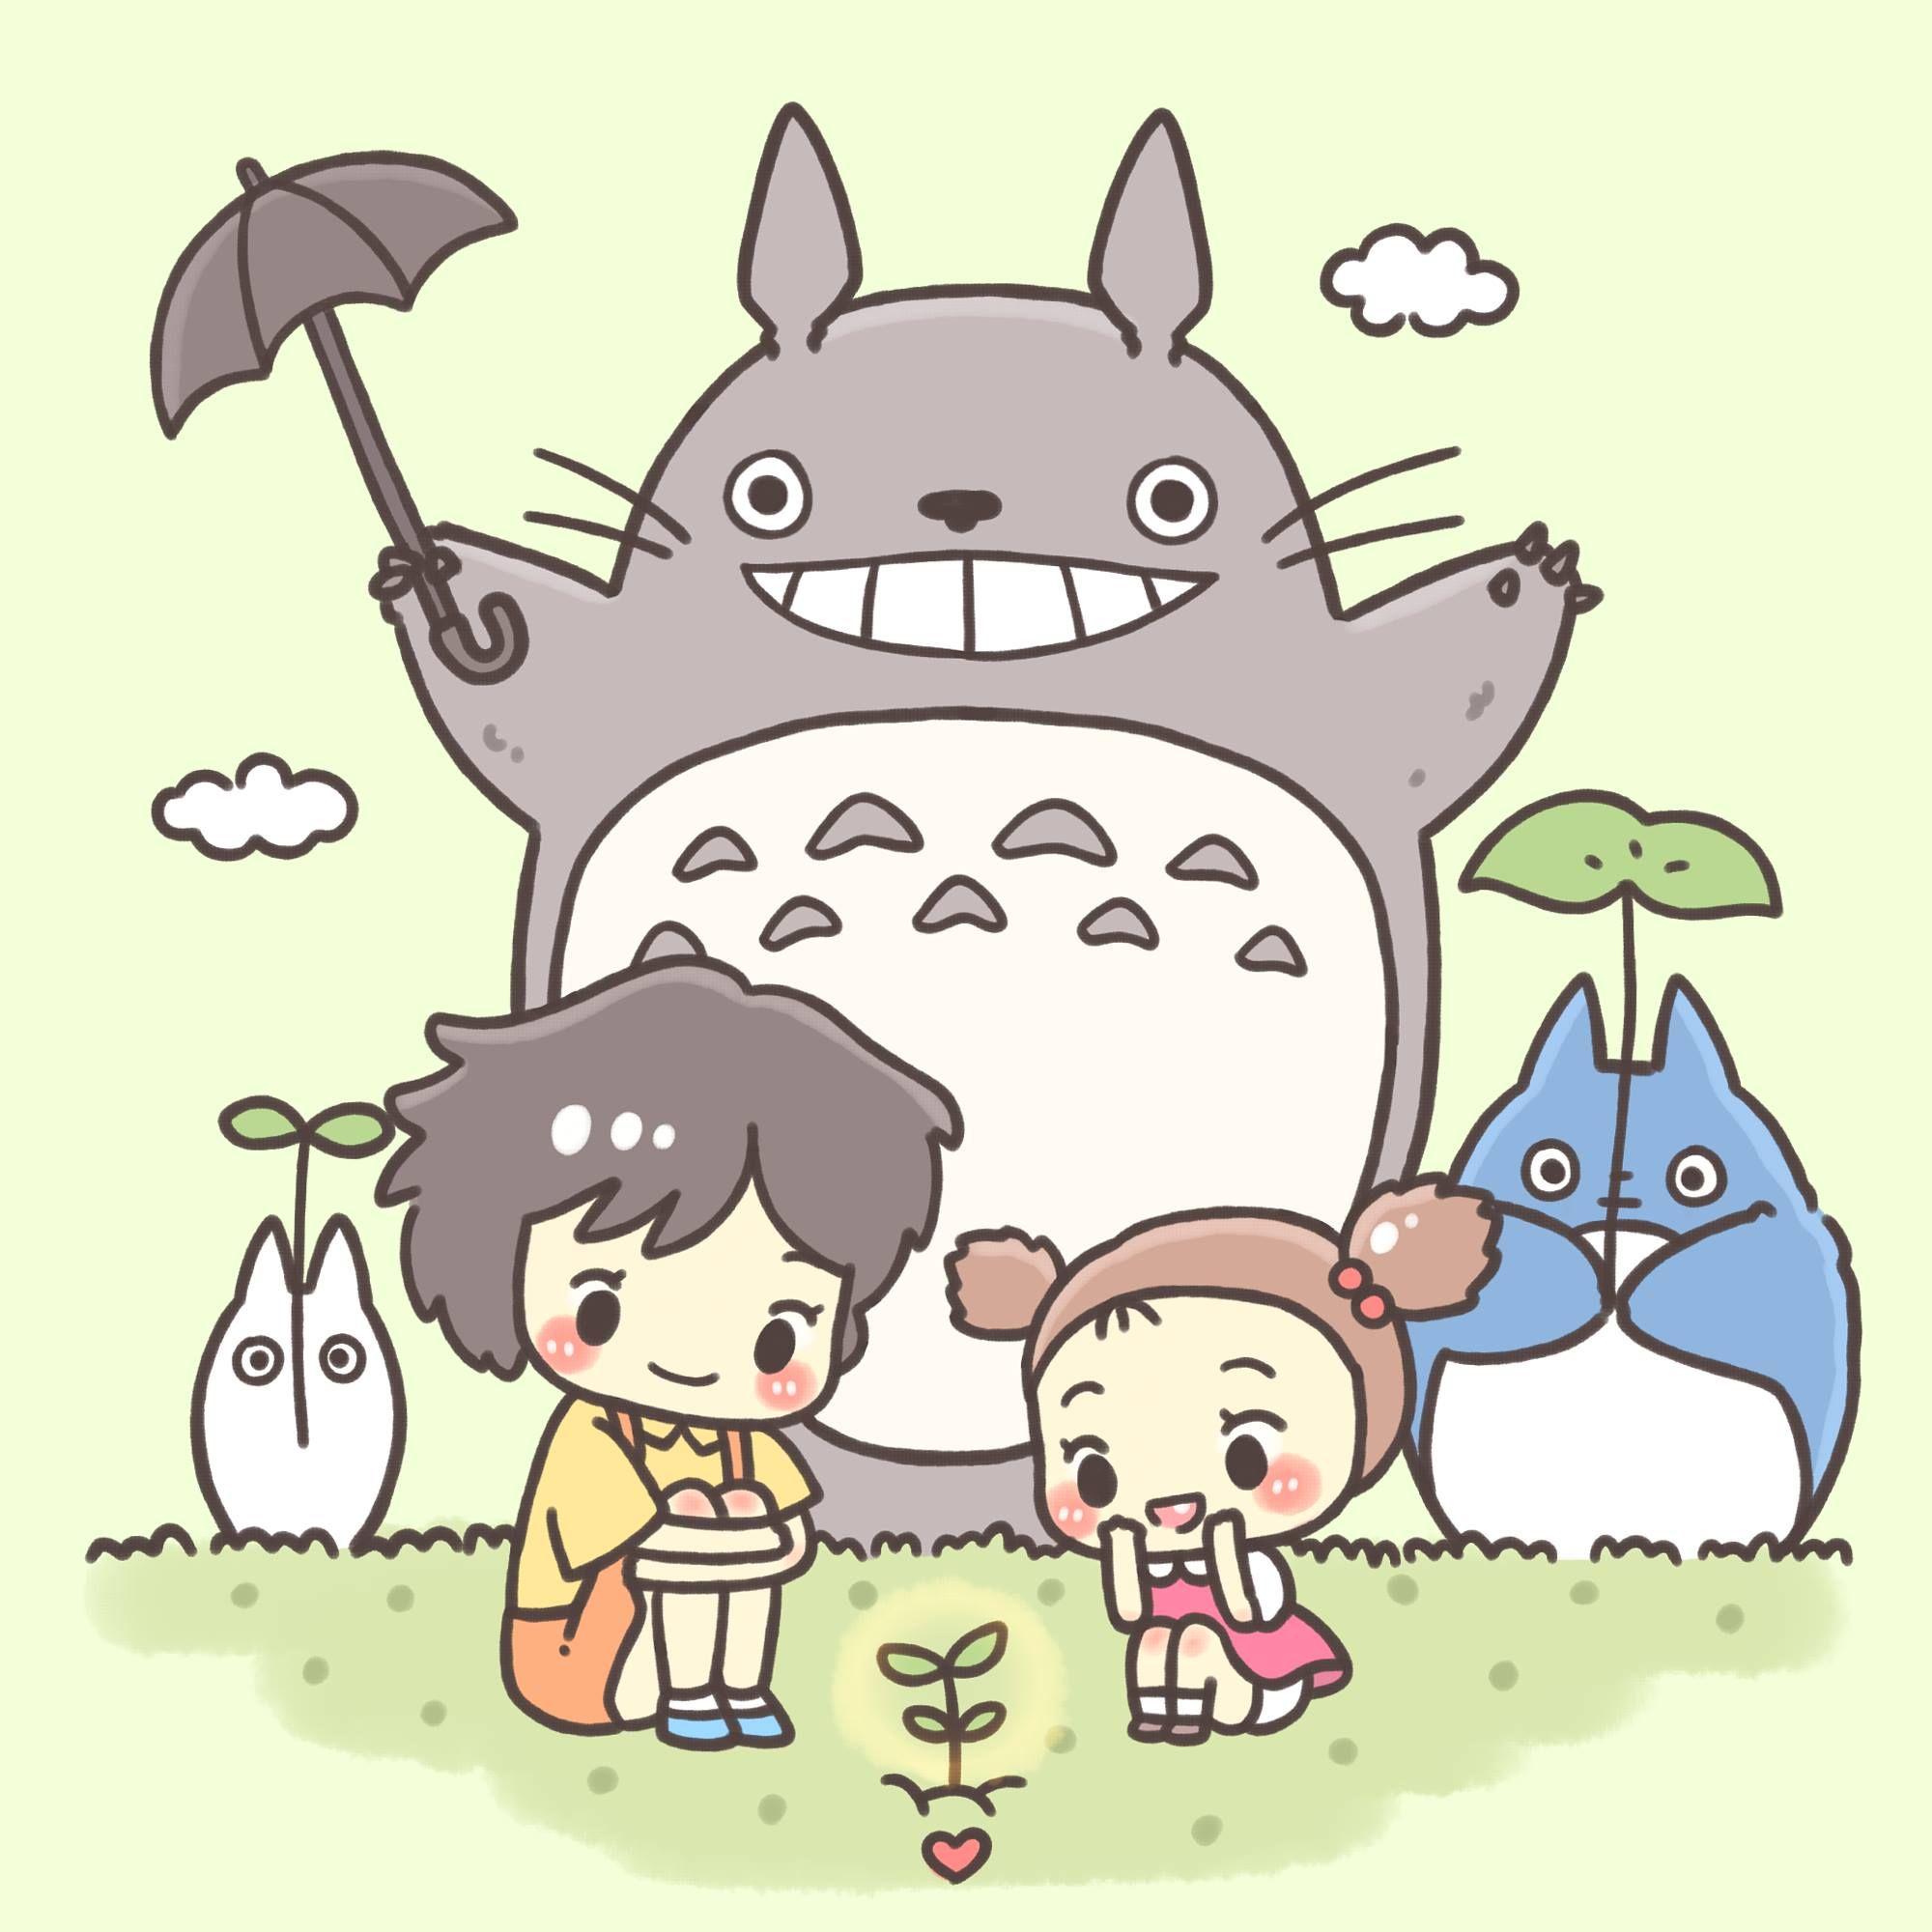 Mei Satsuki And Totoro トトロ スタジオジブリ キャラクター かわいい